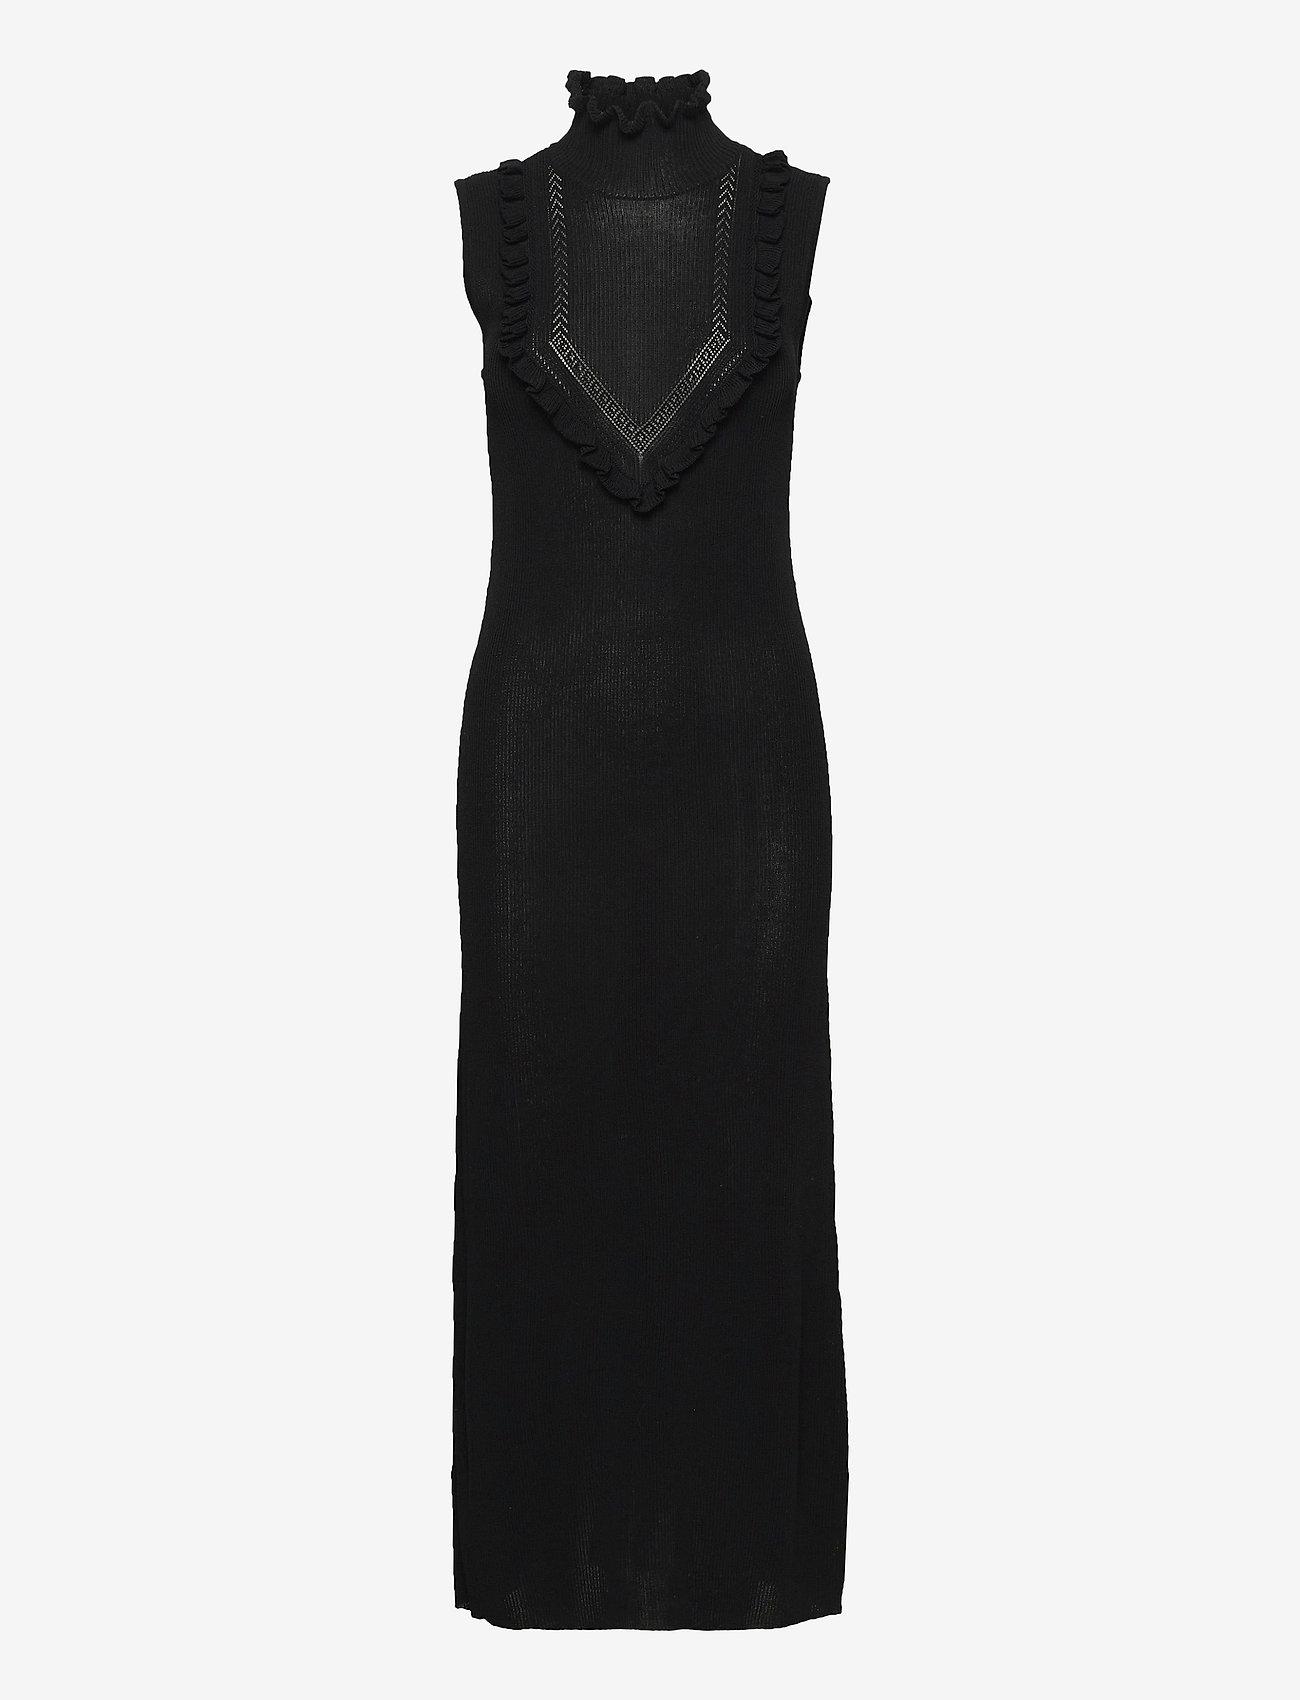 RODEBJER - RODEBJER AILE - stramme kjoler - black - 0